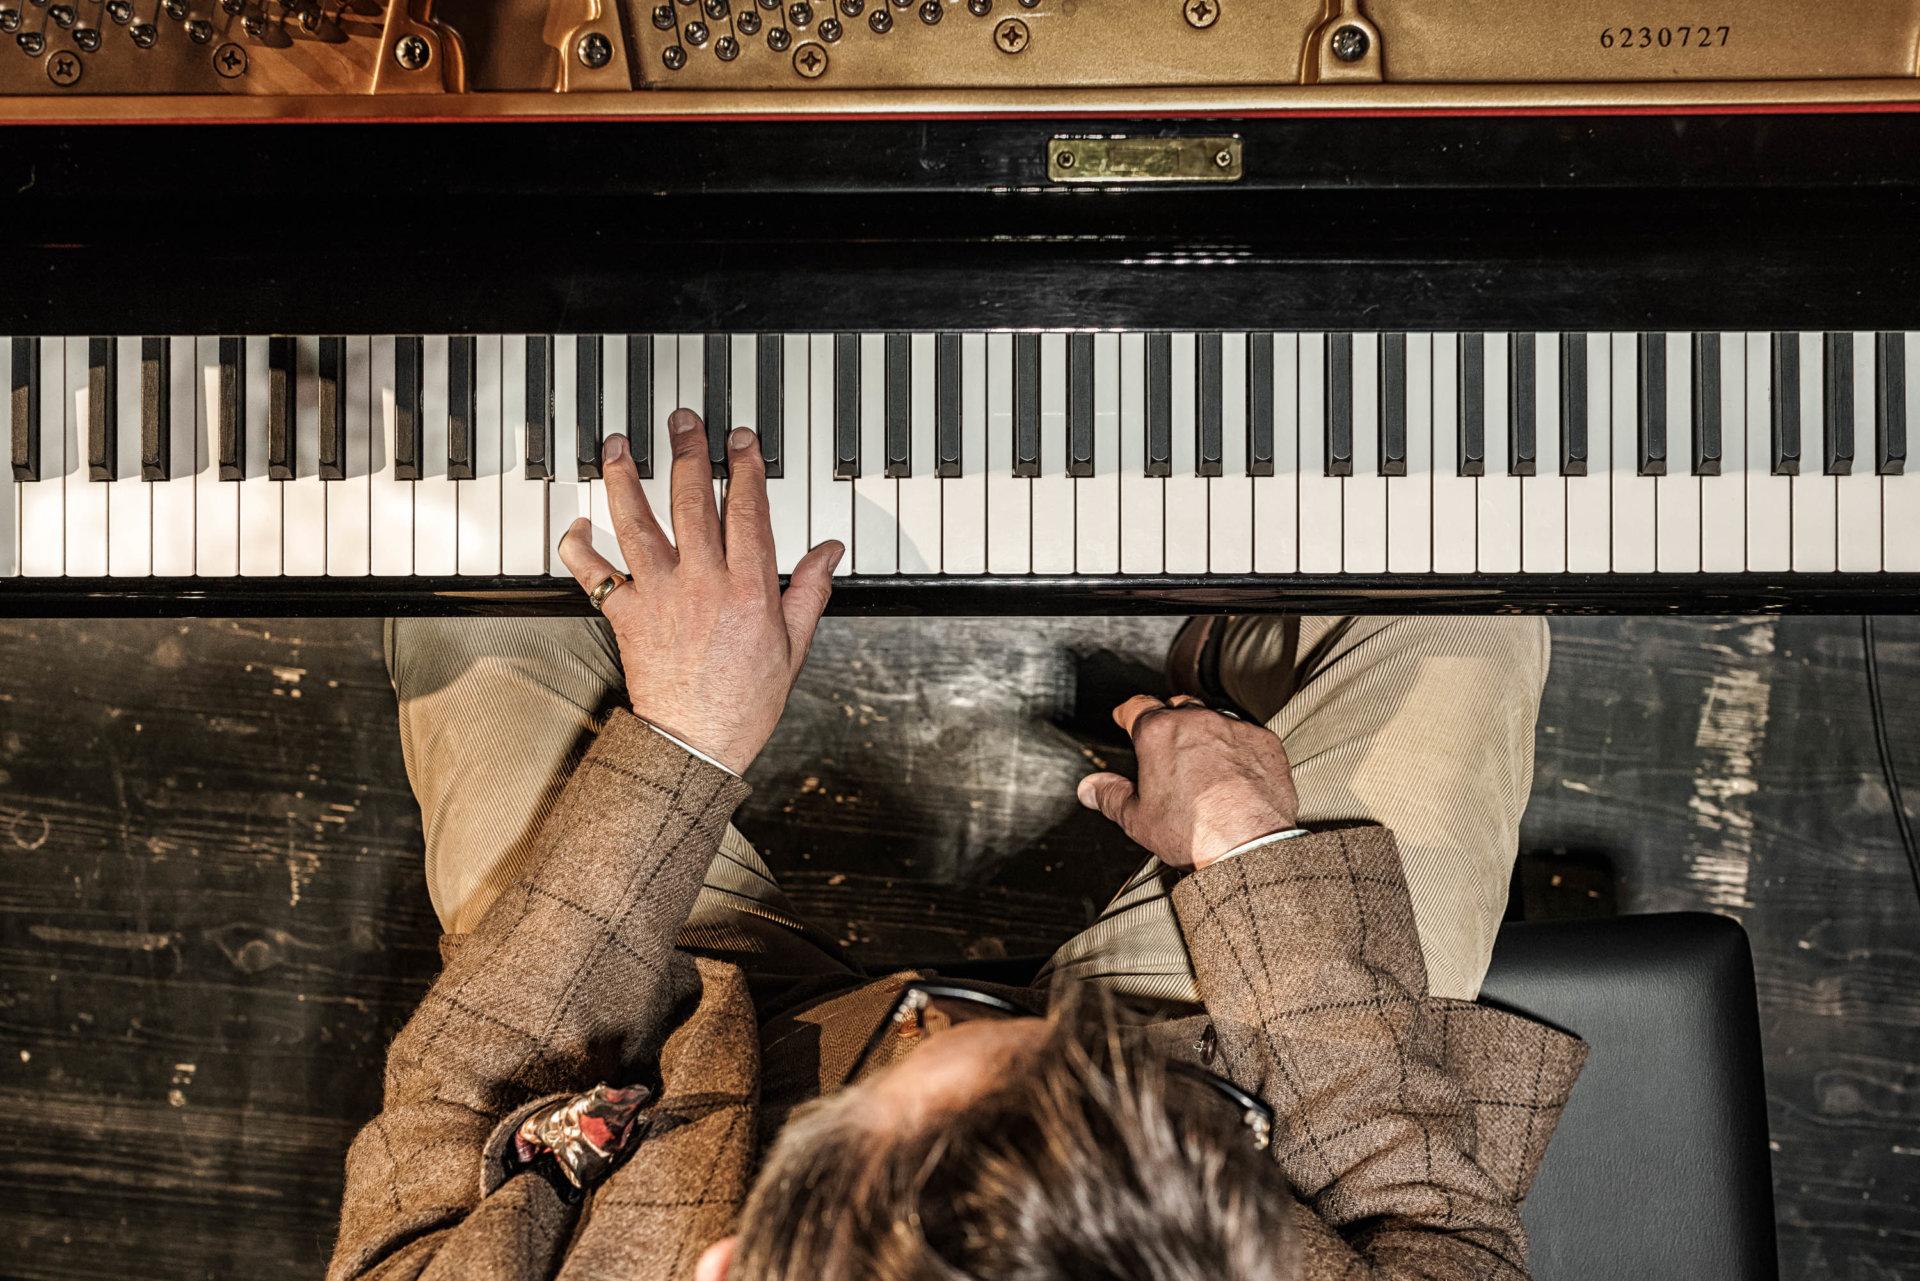 Hände, Pianist, Serie, klavier, meisterfinger, musik, piano, tasten